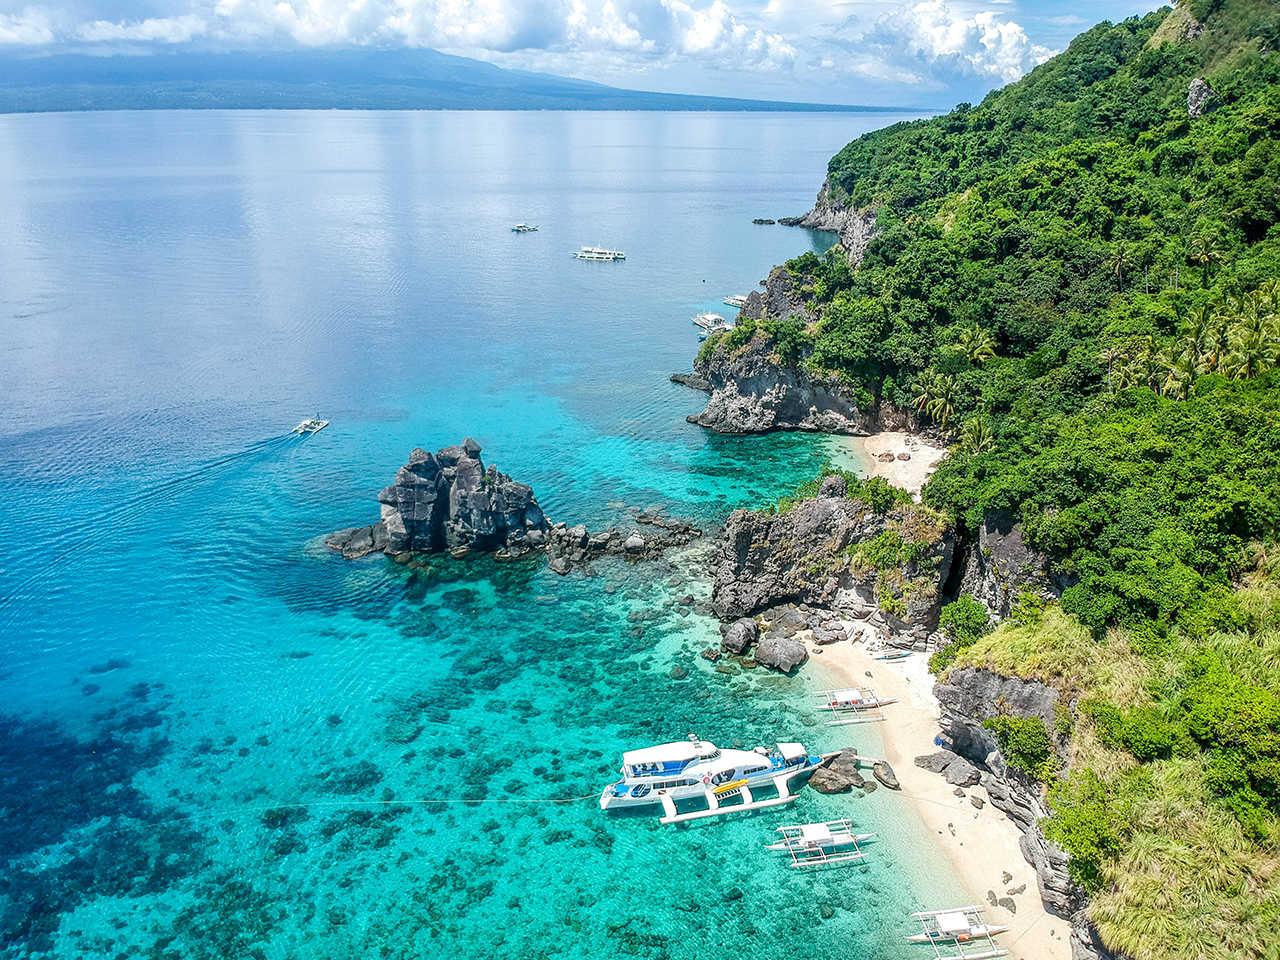 Где отдыхать на море на Филиппинах